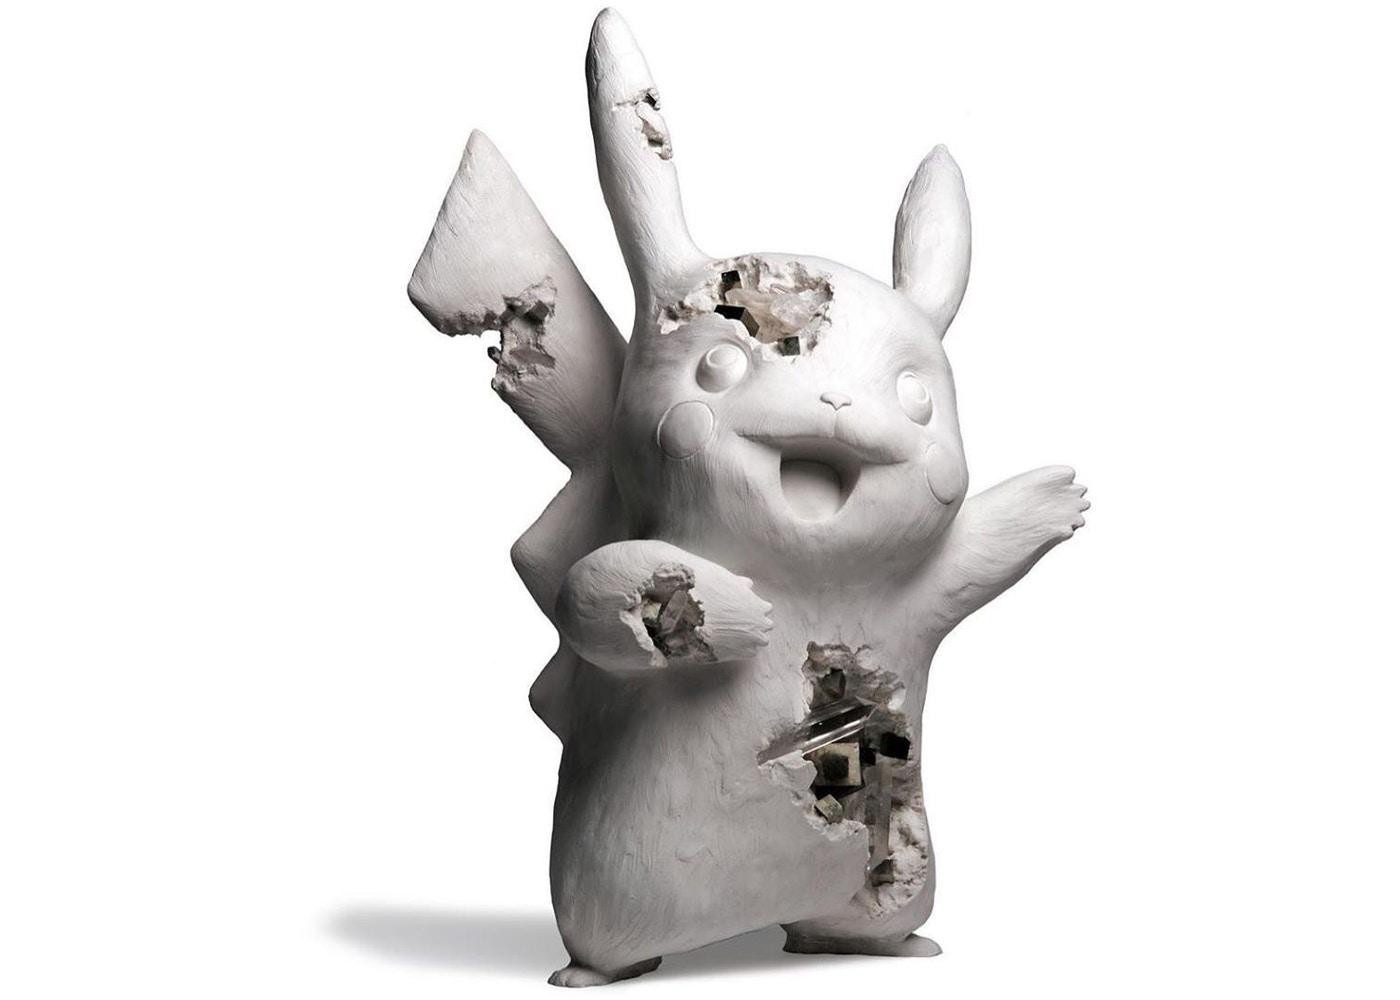 Daniel Arsham stworzył antycznego Pikachu. Potężny artefakt wprzystępnej cenie